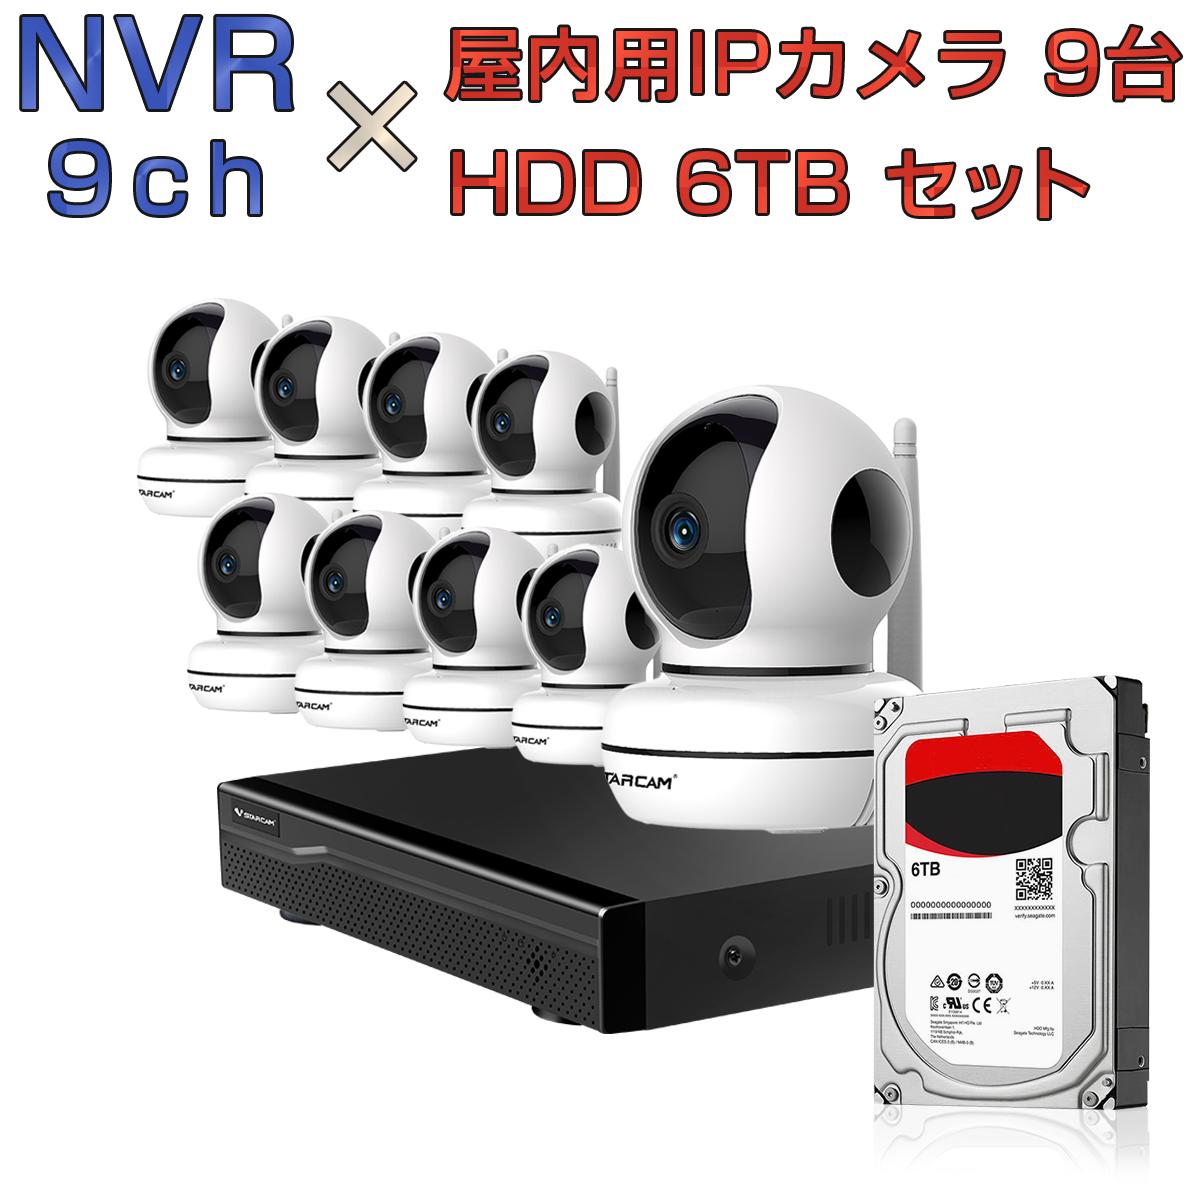 NVR ネットワークビデオレコーダー 9ch HDD6TB内蔵 C46S 2K 1080P 200万画素カメラ 9台セット IP ONVIF形式 スマホ対応 遠隔監視 1080P FHD 動体検知 同時出力 録音対応 H.265+ IPカメラレコーダー監視システム 宅配便送料無料 1年保証